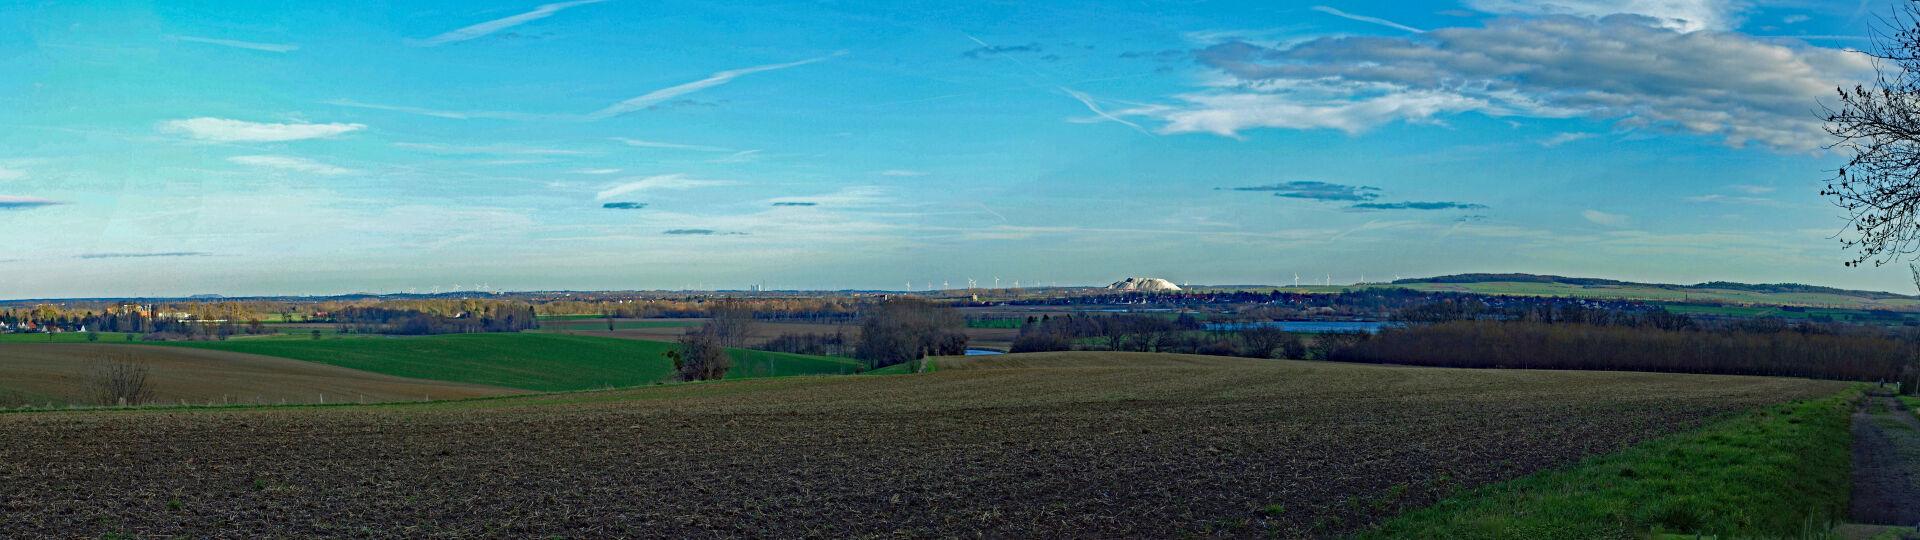 Panoramablick vom Schulenburger Berg Richtung Osten